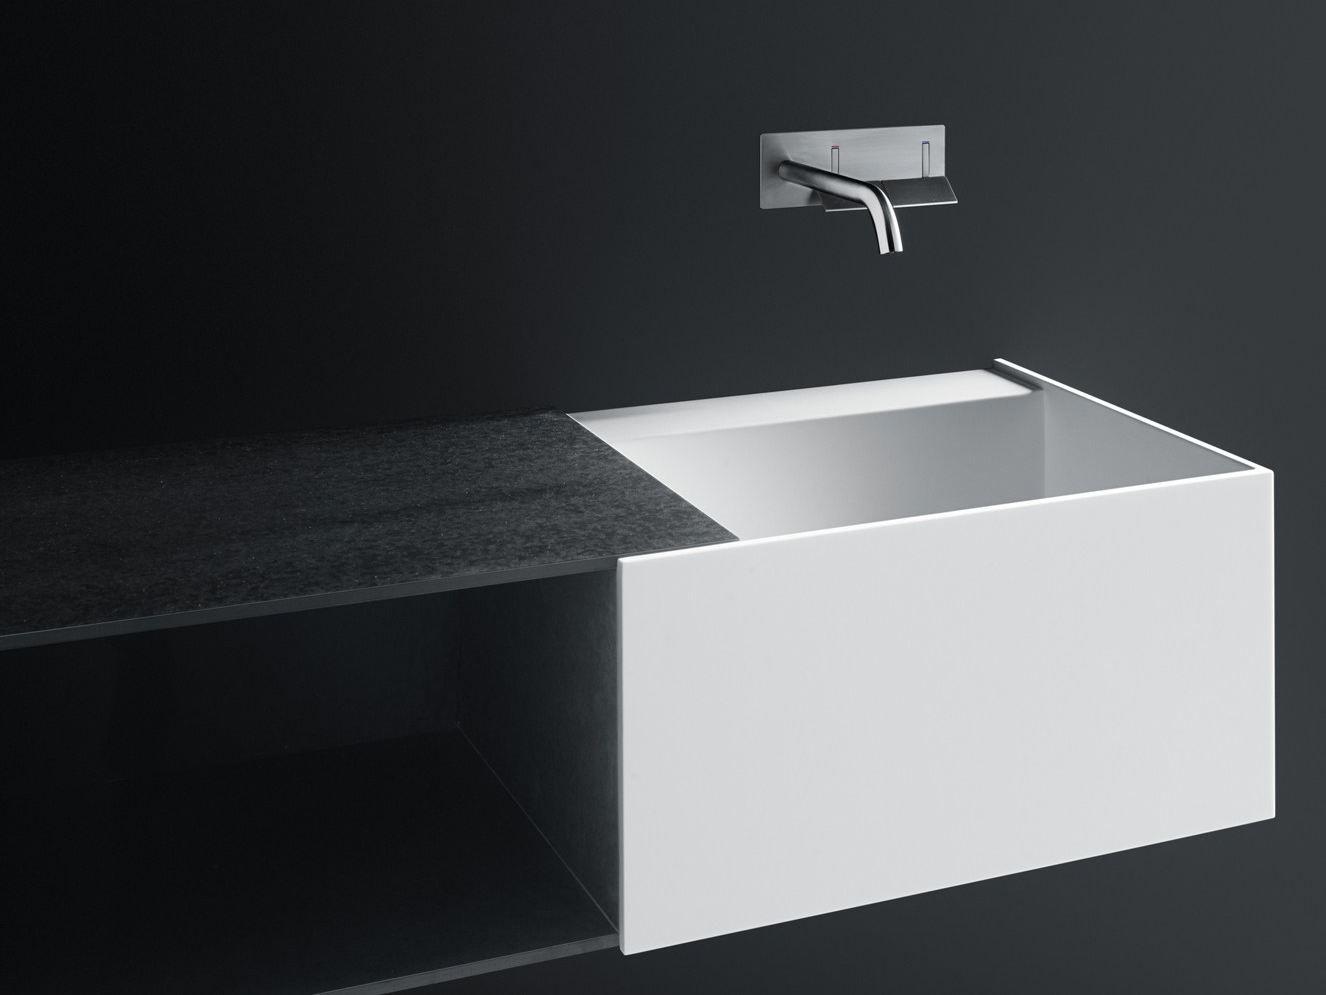 lavabo doppio sospeso in corian® duec by boffi design victor vasilev - Arredo Bagno Boffi